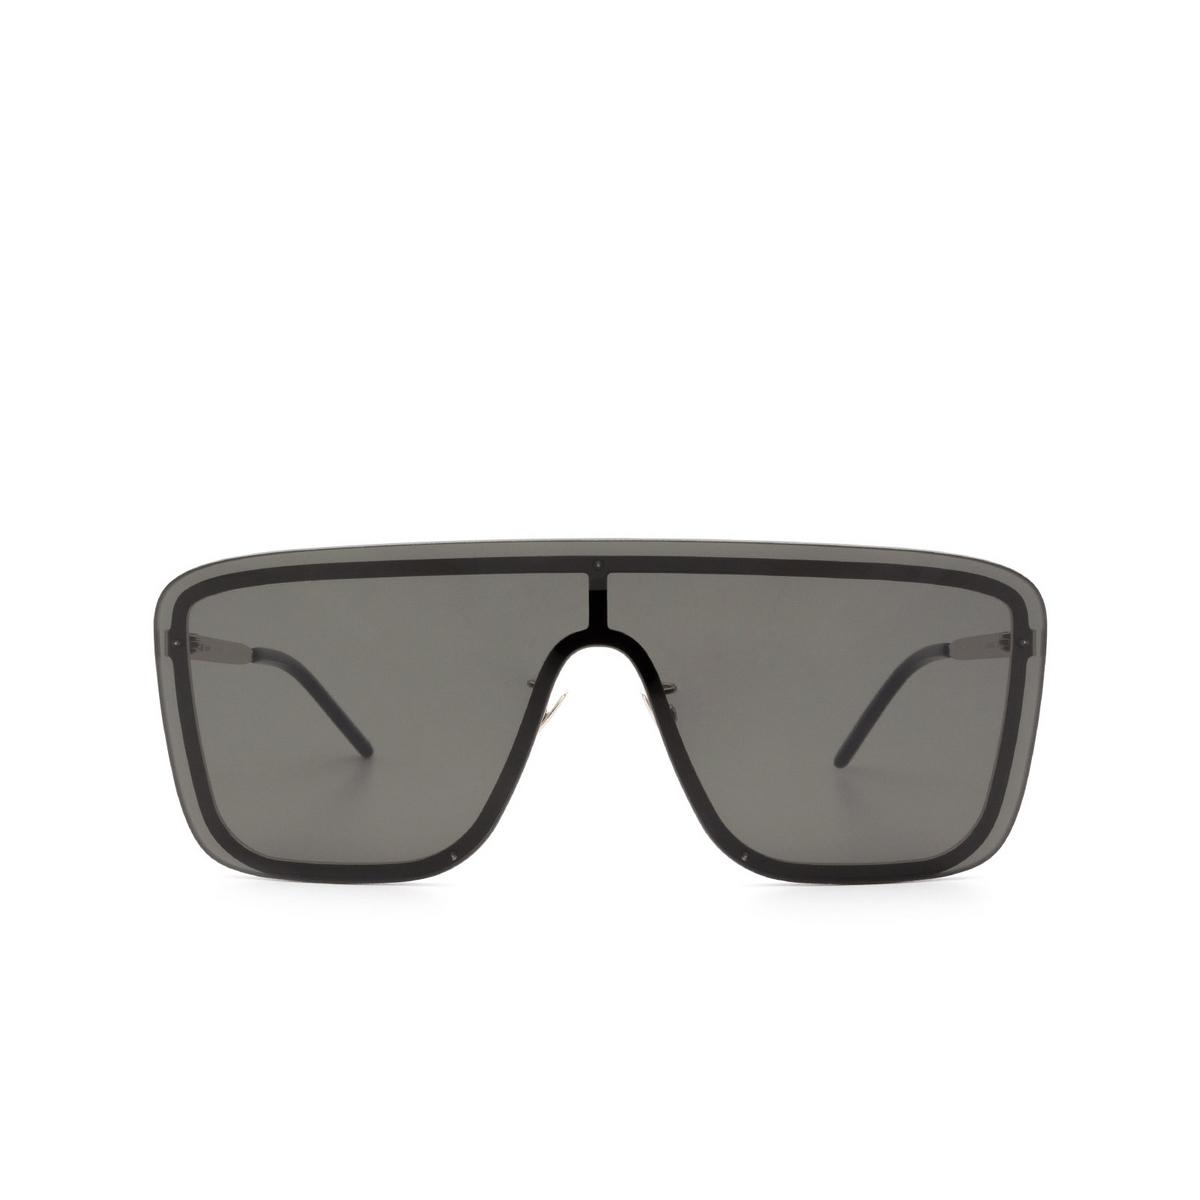 Saint Laurent® Mask Sunglasses: SL 364 MASK color Silver 001 - front view.